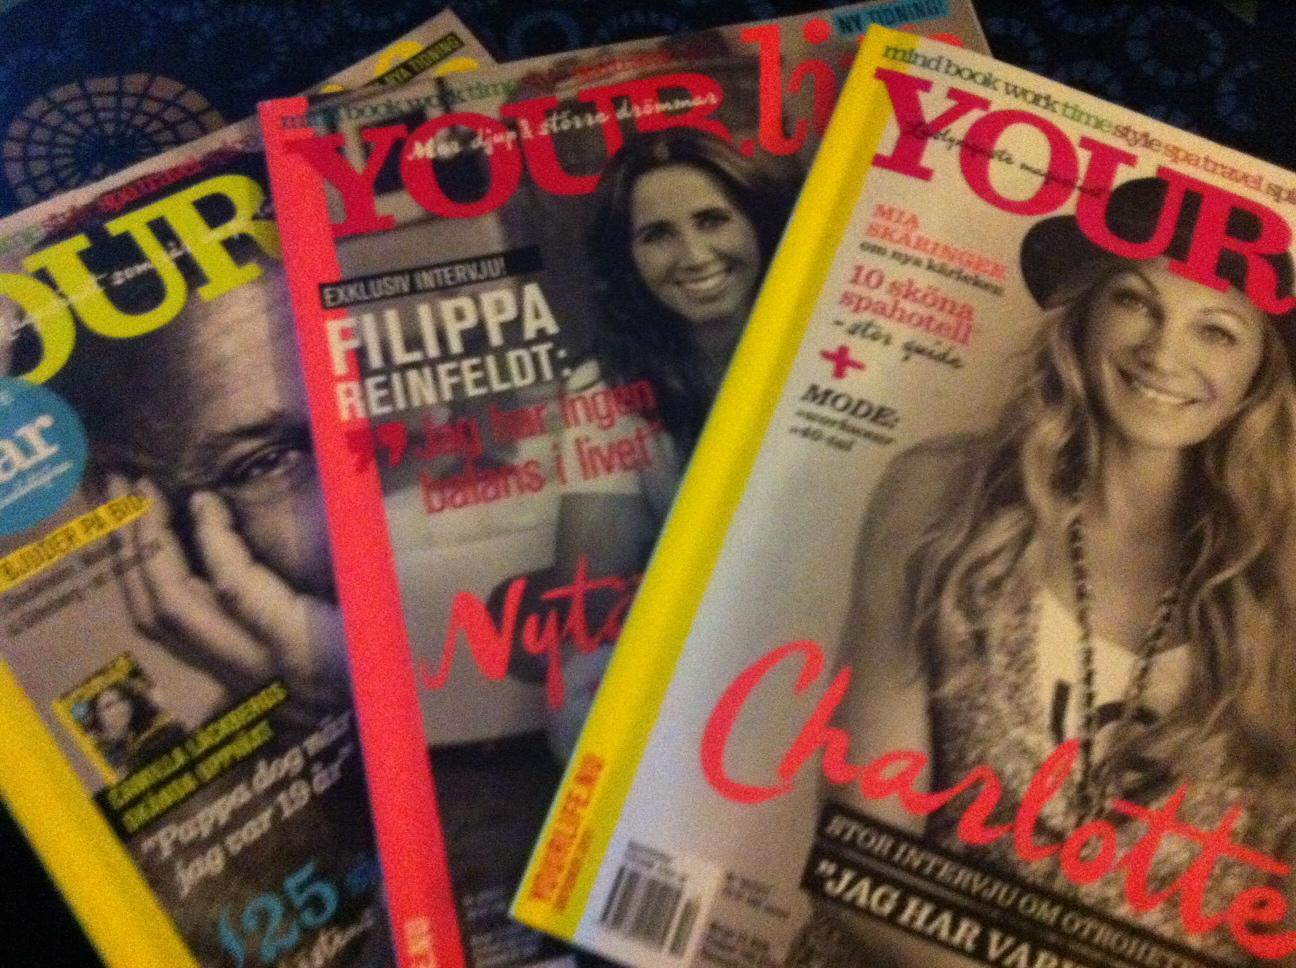 tidskriften yourlife